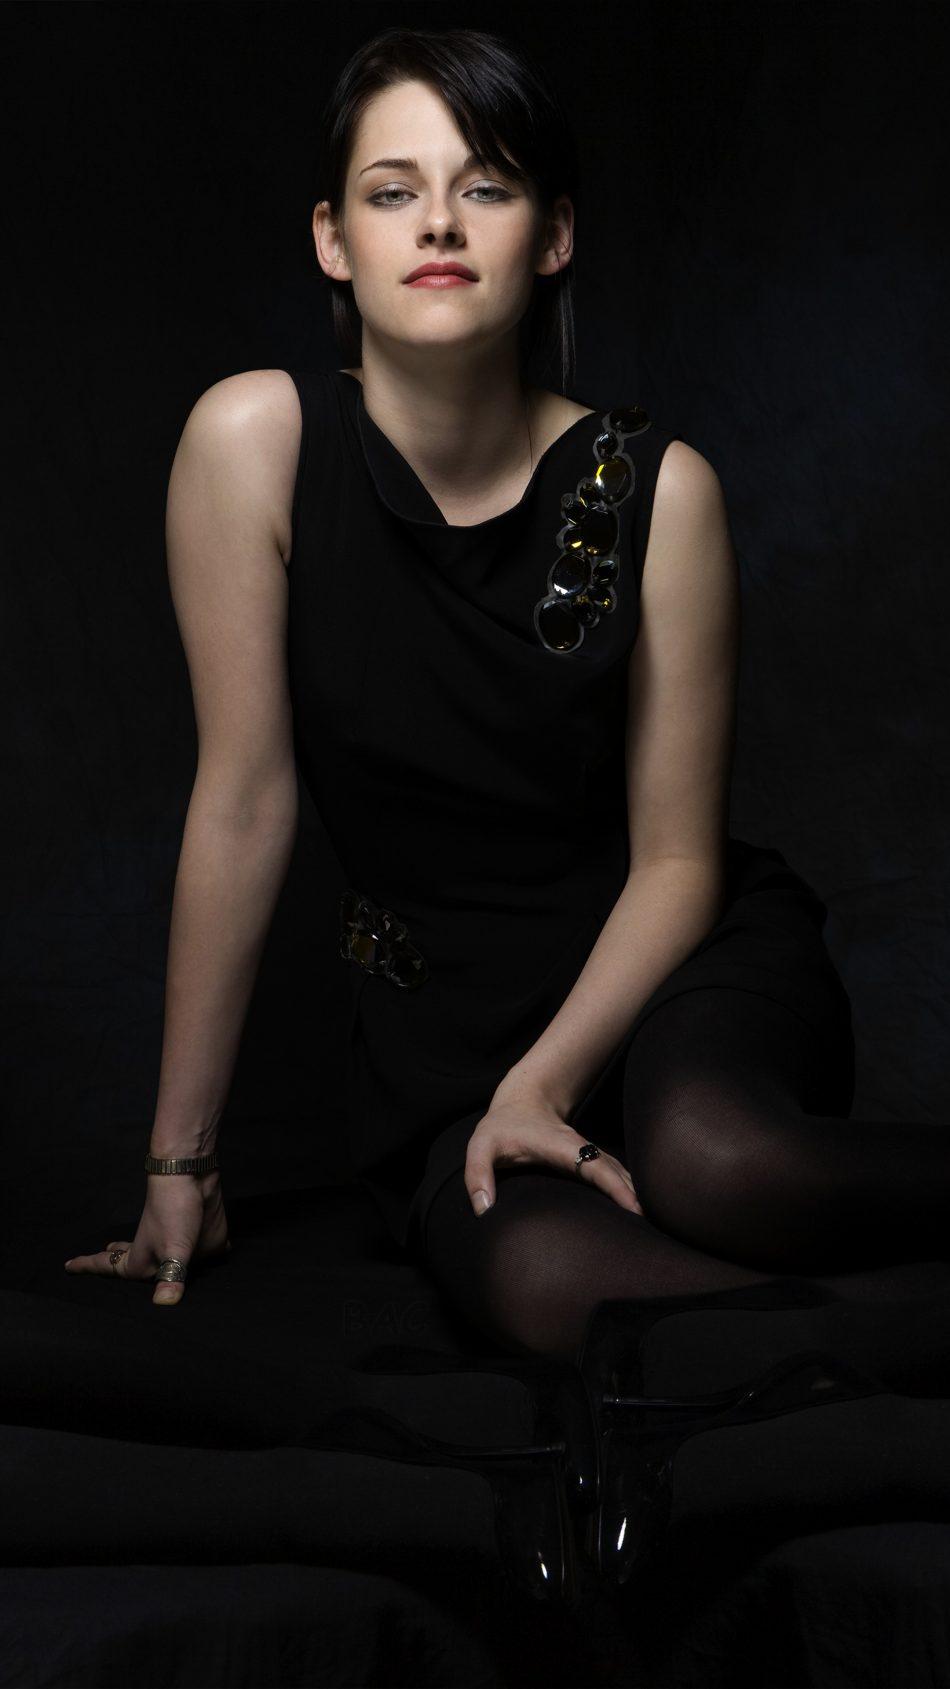 Kristen Stewart 2019 4K Ultra HD Mobile Wallpaper